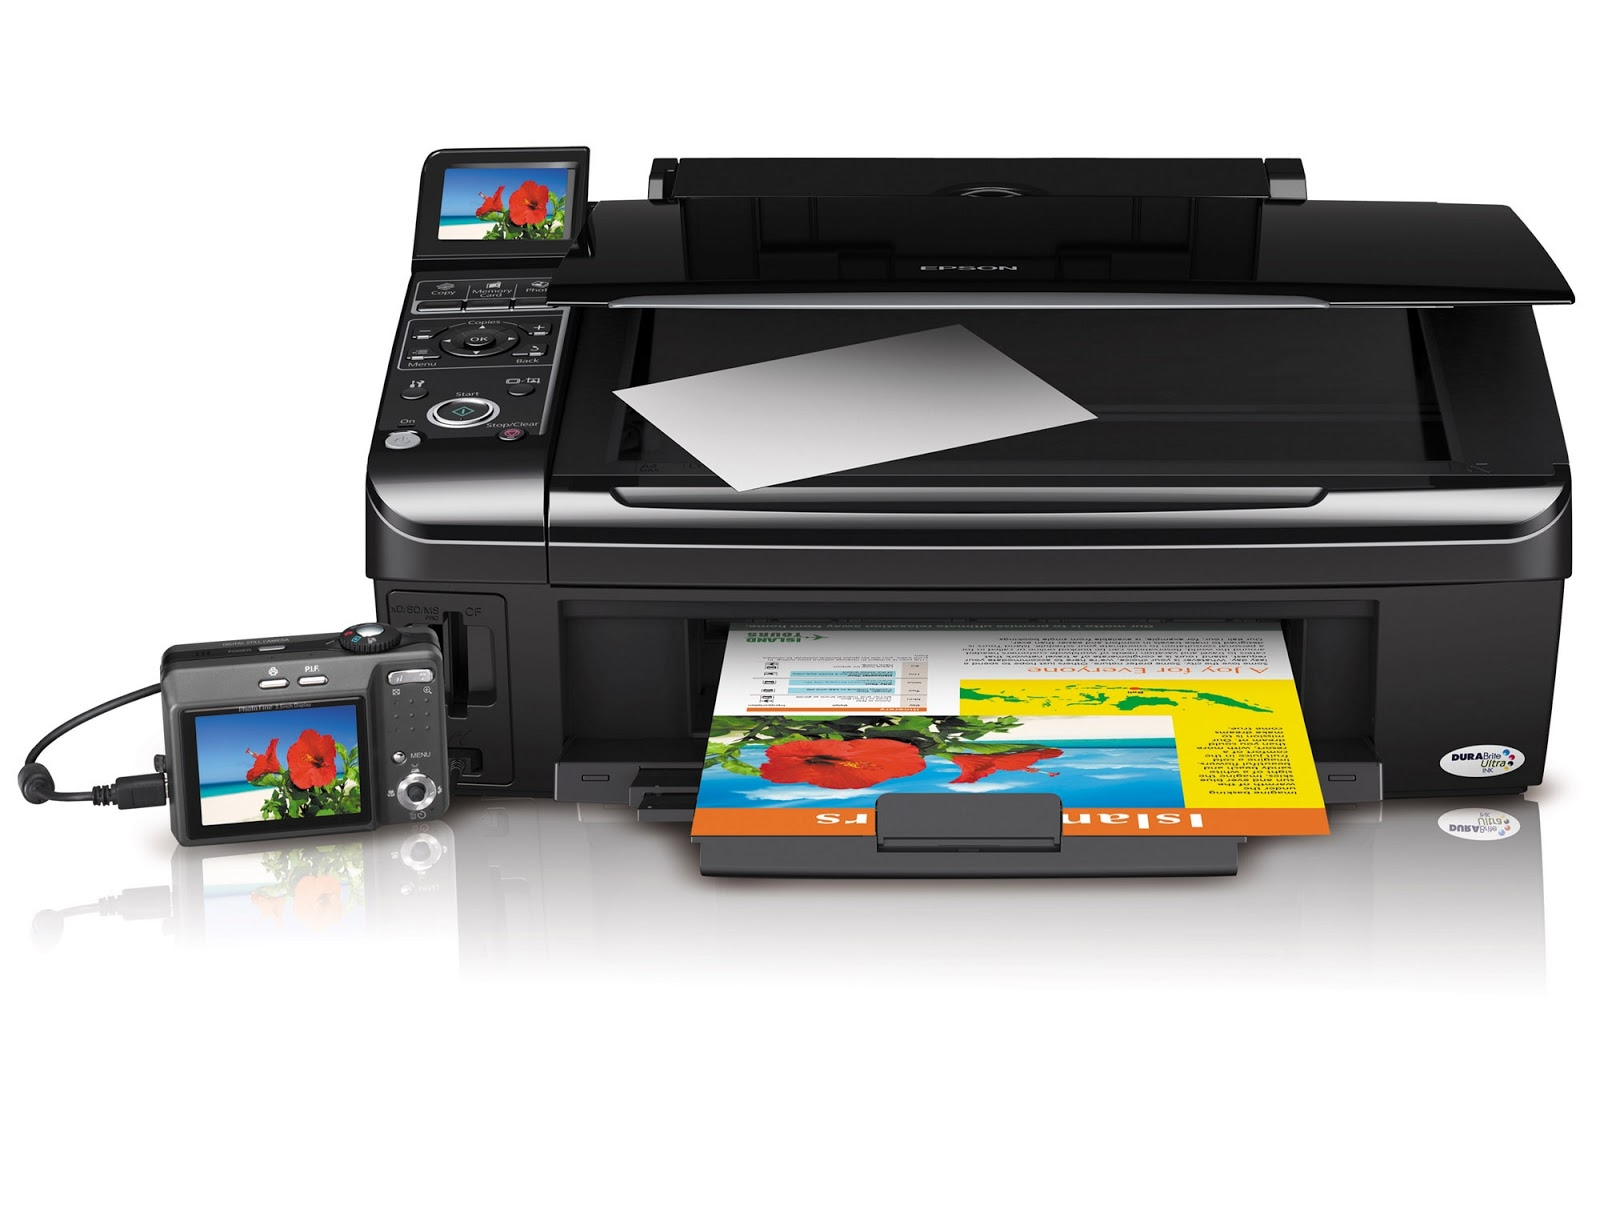 Mực máy in và kinh nghiệm sử dụng mực máy in